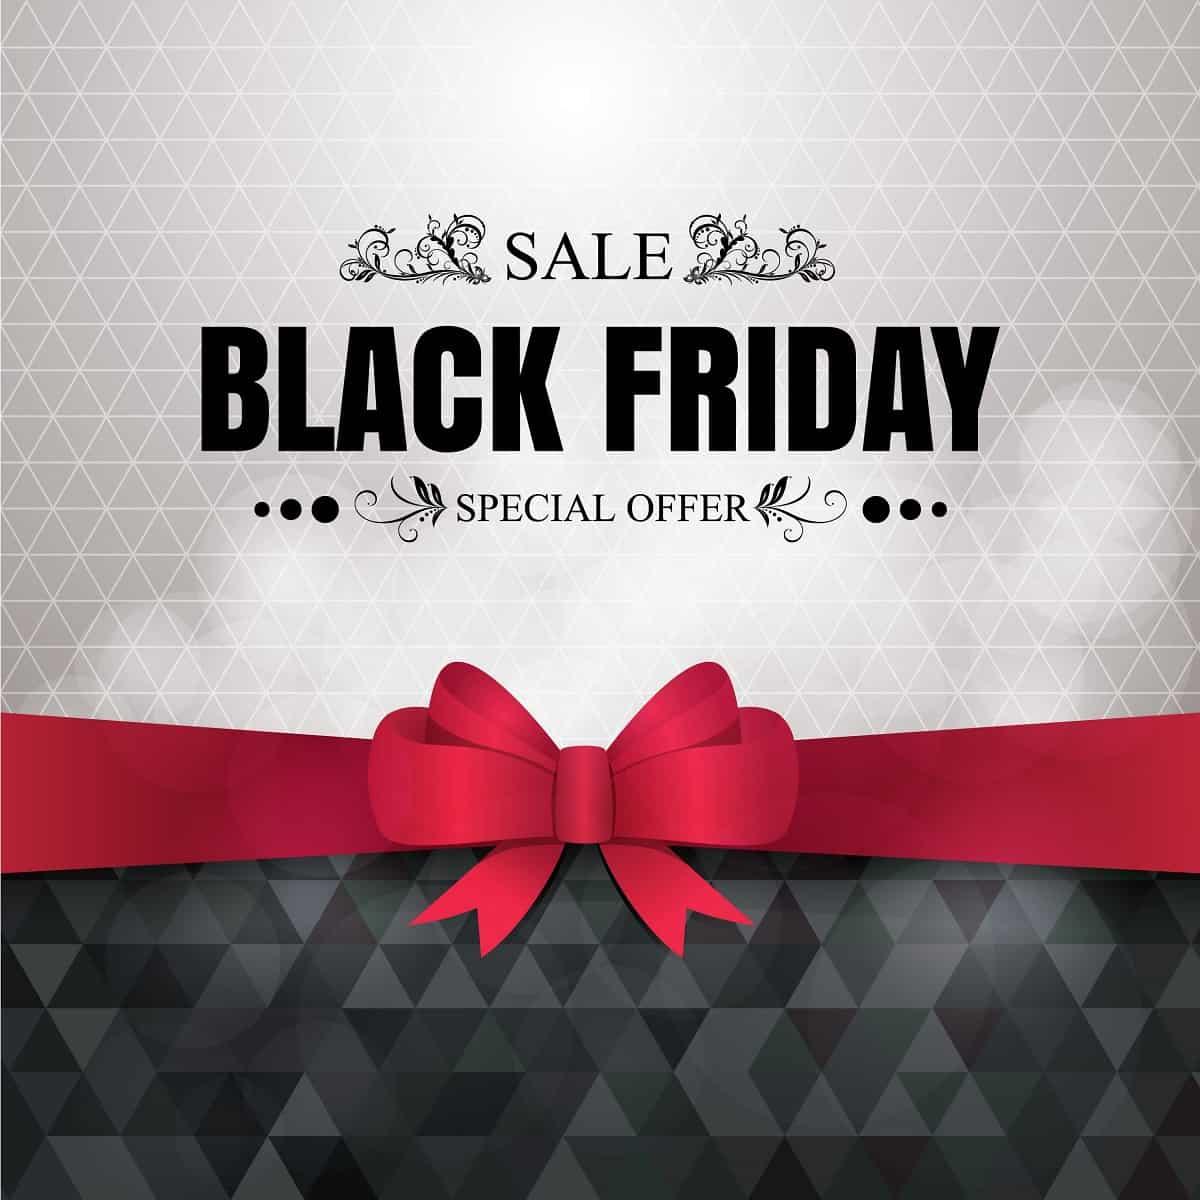 Black friday - De bedste tilbud